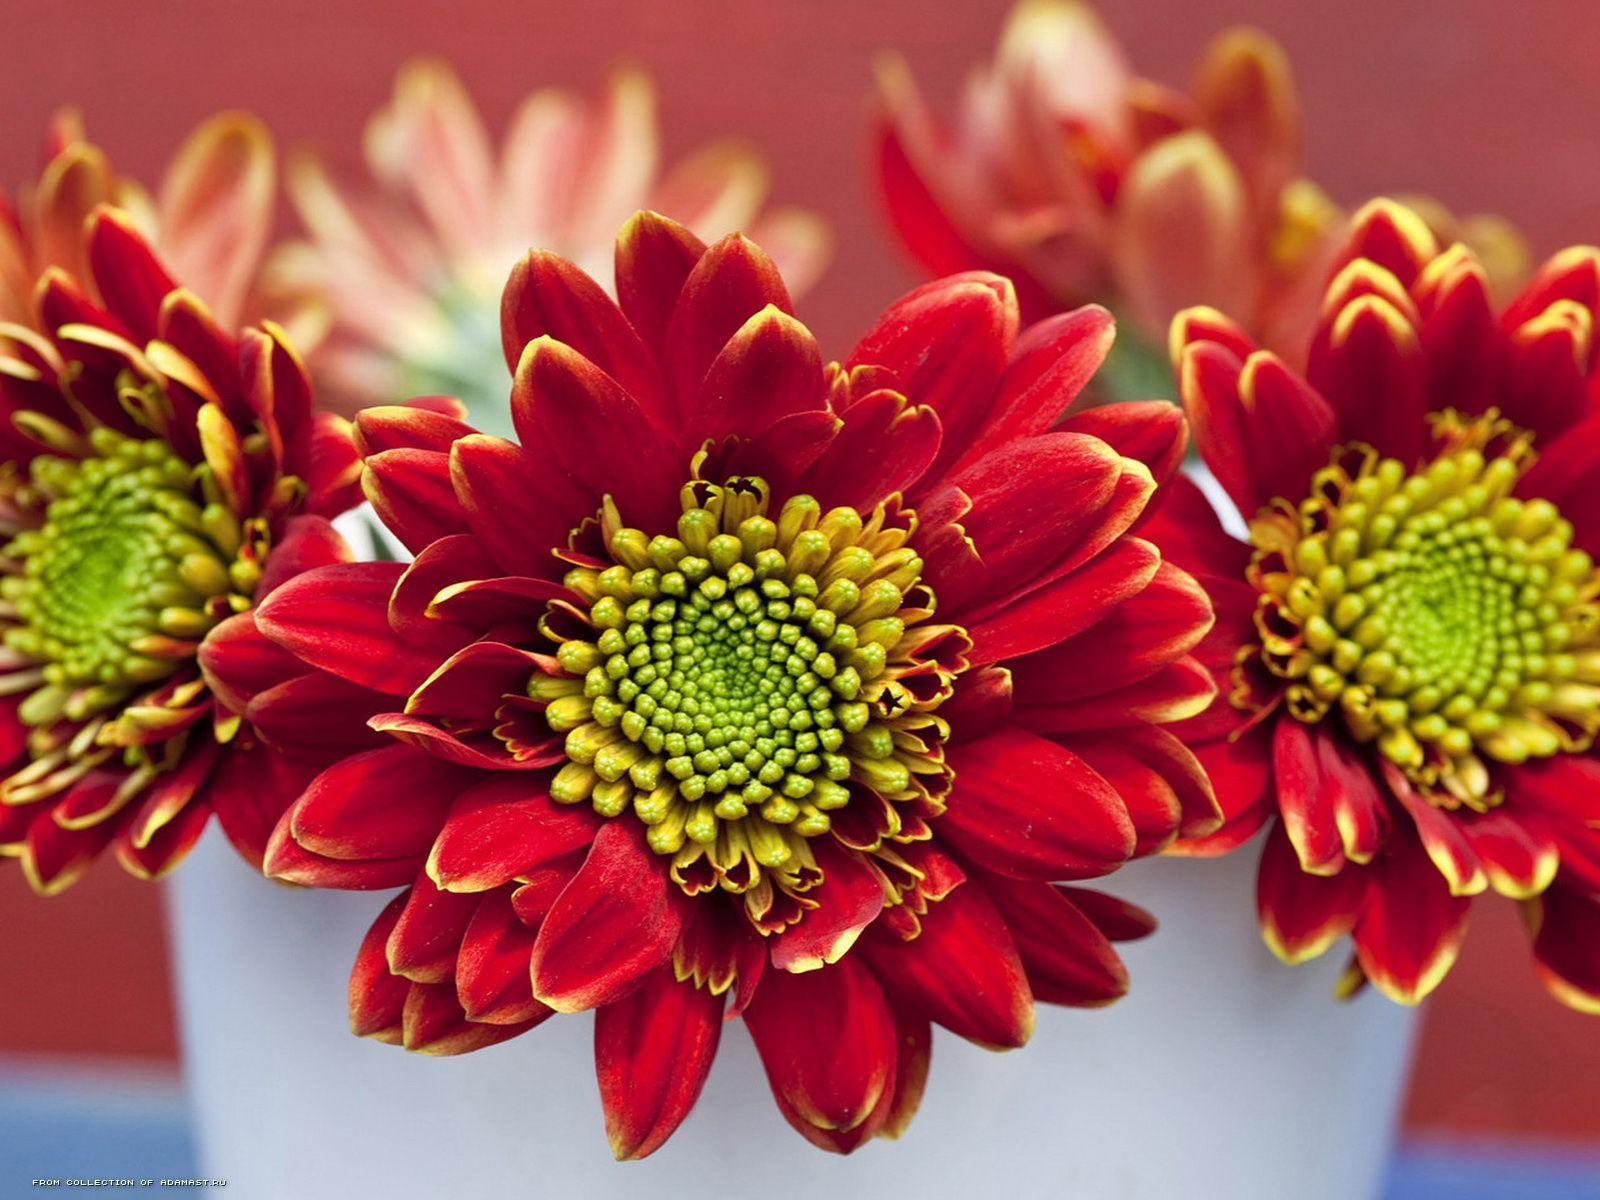 Обалденные цветы 1600 x 1200